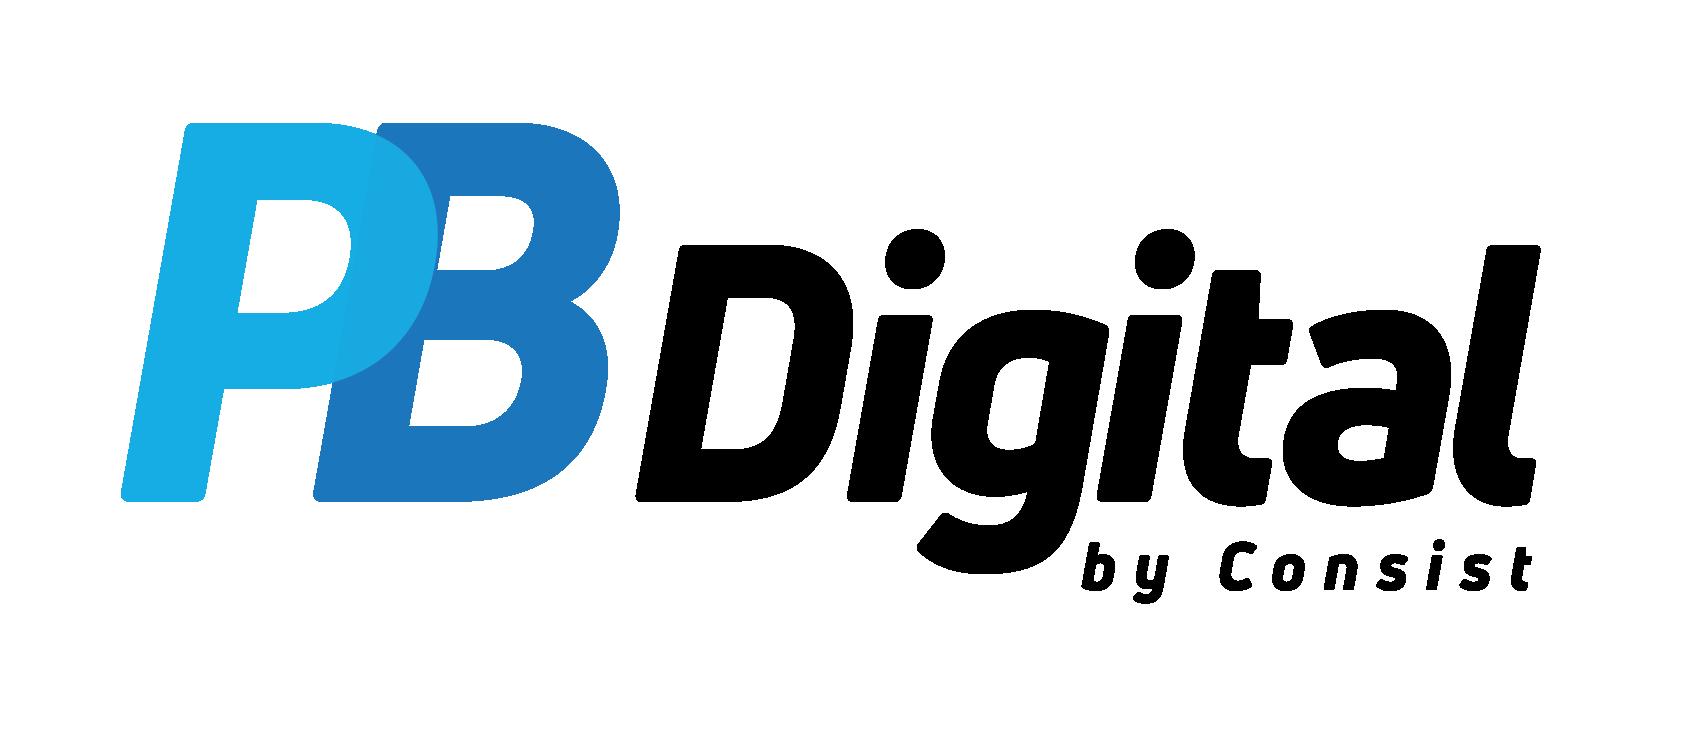 לשי - PB DIGITAL-01